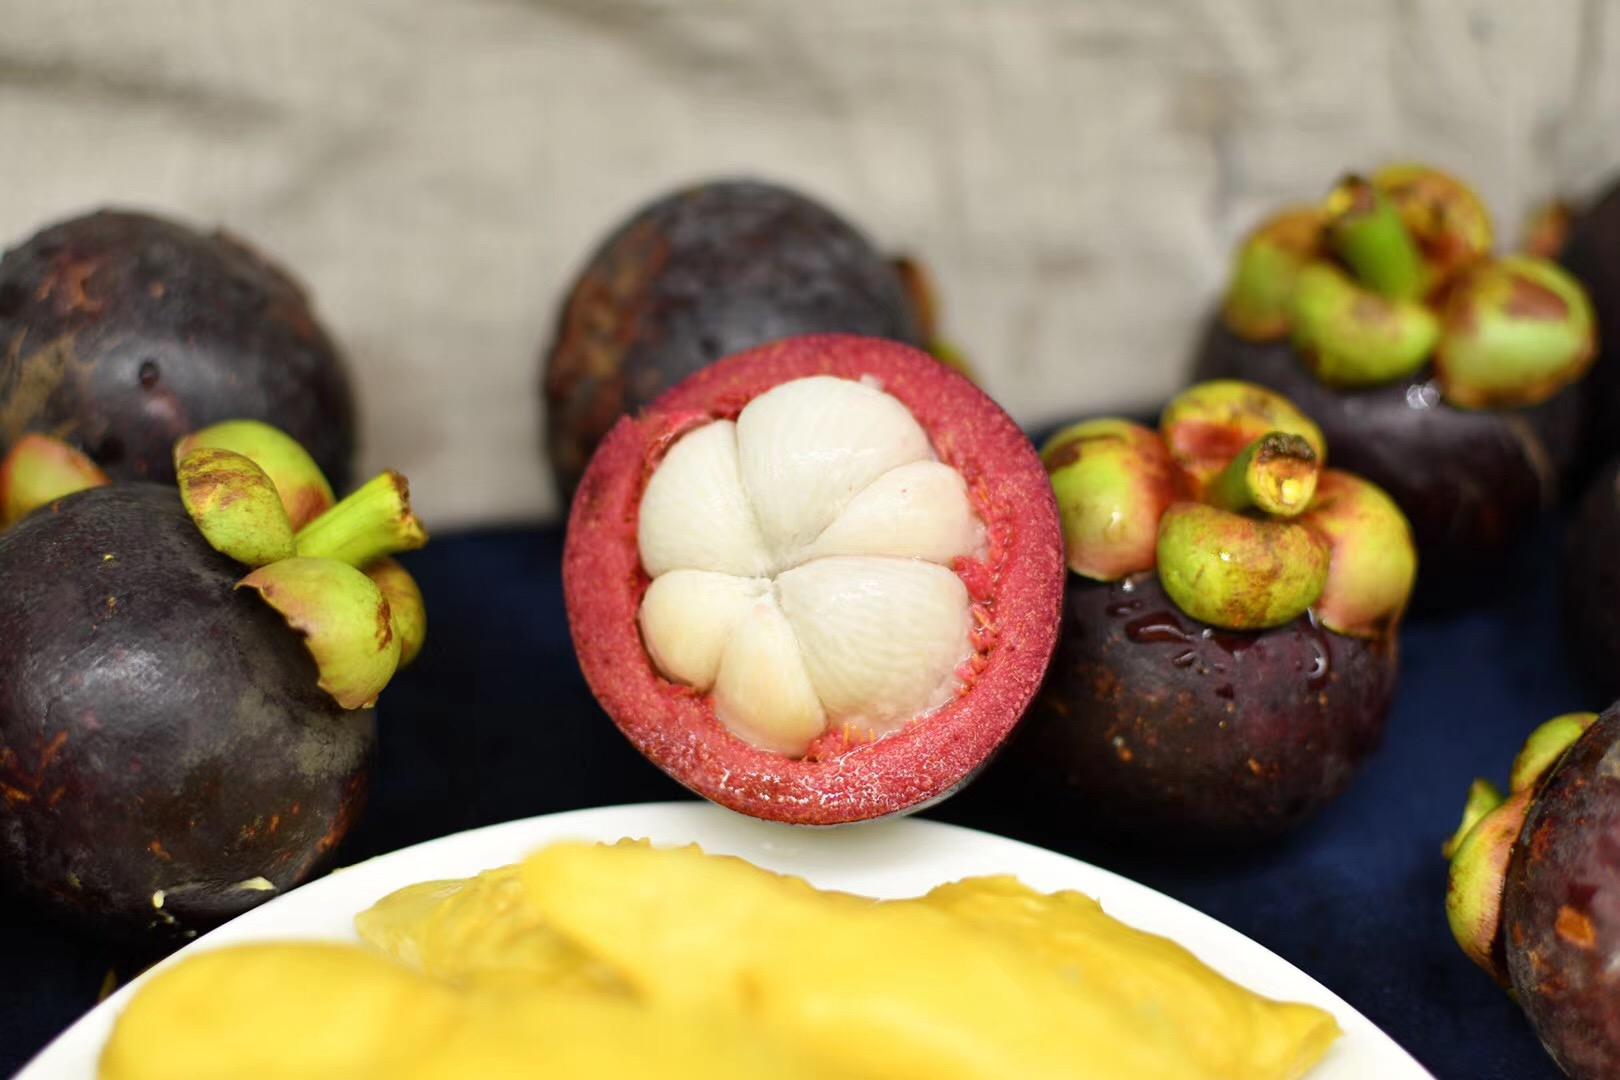 山竹一件待发西双版纳告庄进口泰国新鲜当季孕妇无籽水果5斤装竹